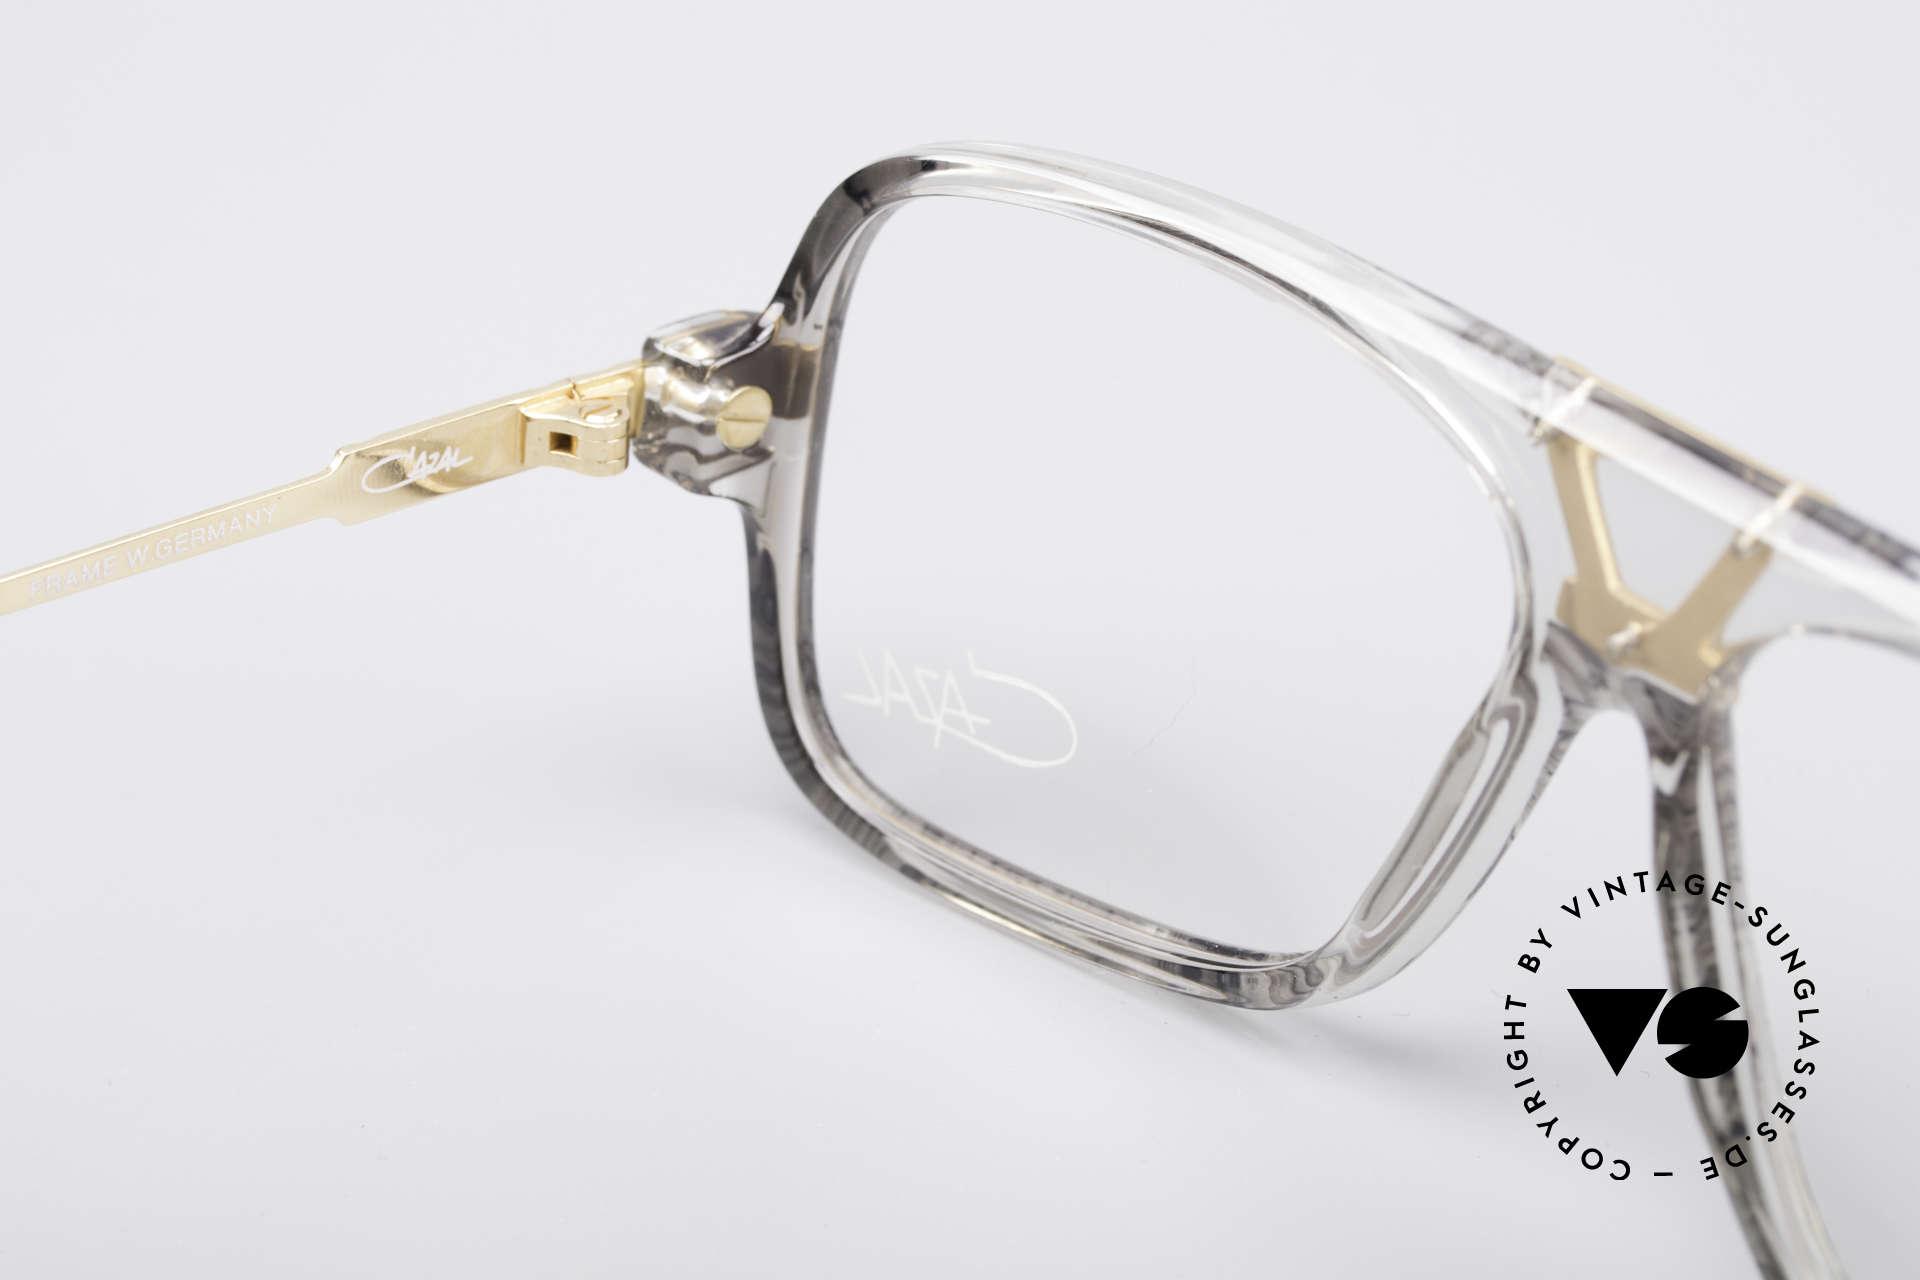 Cazal 635 Jay-Z HipHop Vintage Brille, Musiker 'Jay-Z' trägt trug dieses Modell in 2011, Passend für Herren